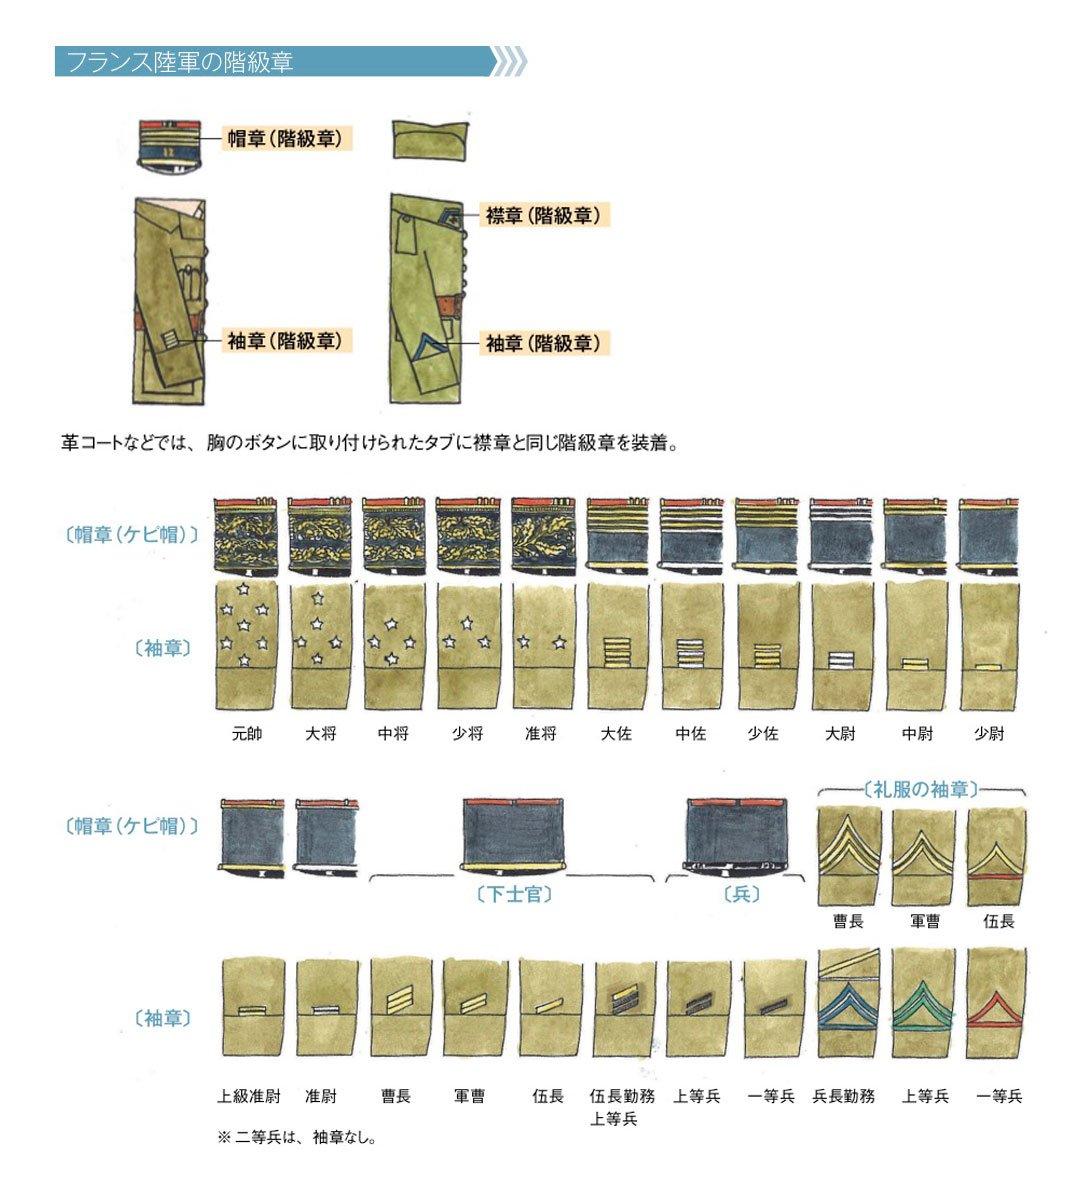 フランス陸軍の階級一覧 - Ranks in the French Army - JapaneseClass.jp